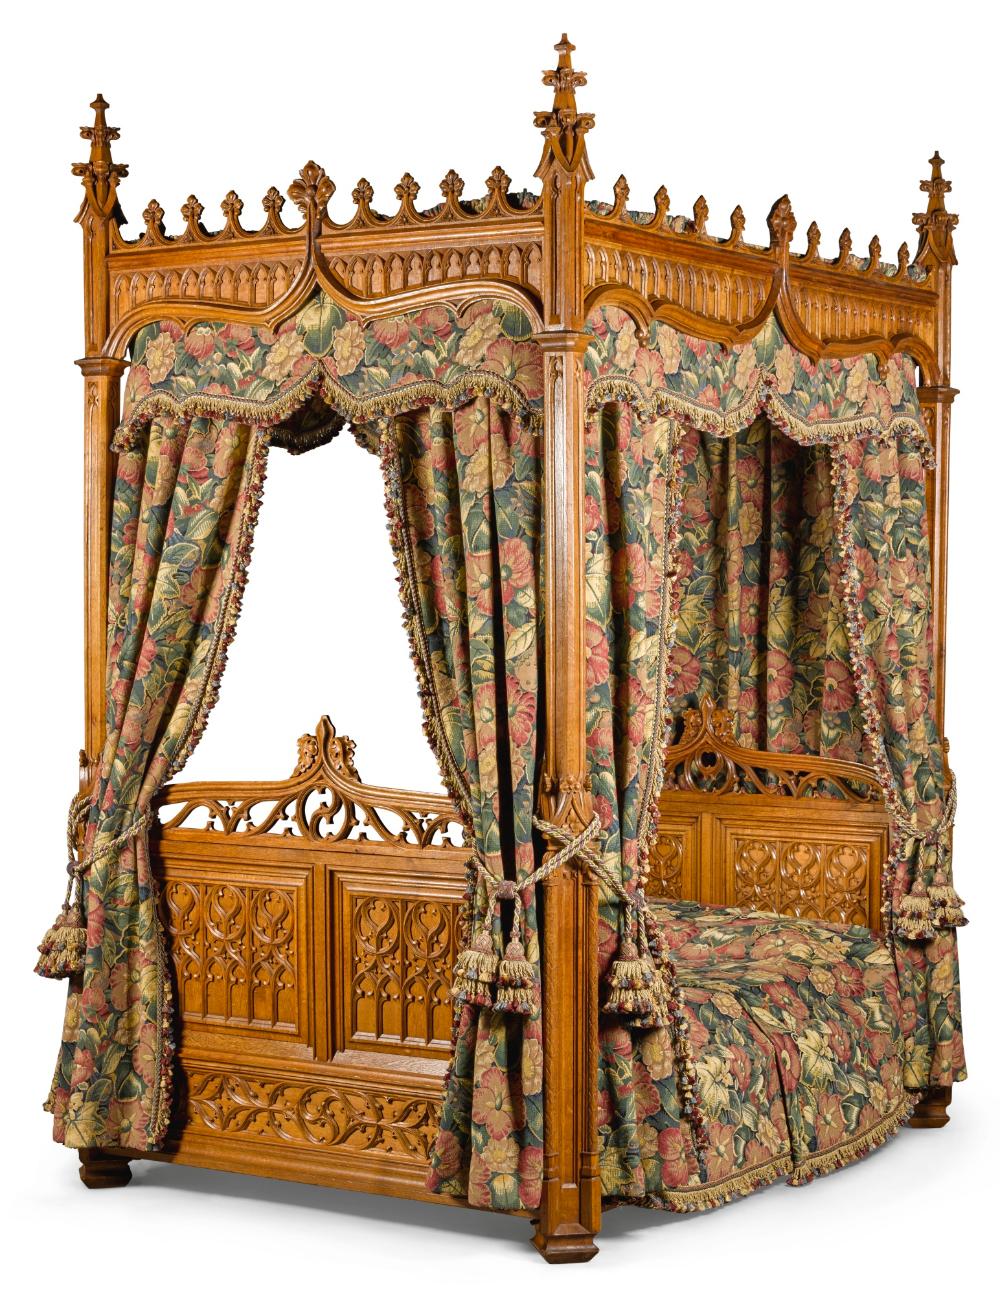 Bed Sotheby S L17305lot9bwfken In 2020 Gothic Bedroom Furniture Bedroom Furniture For Sale Gothic Furniture